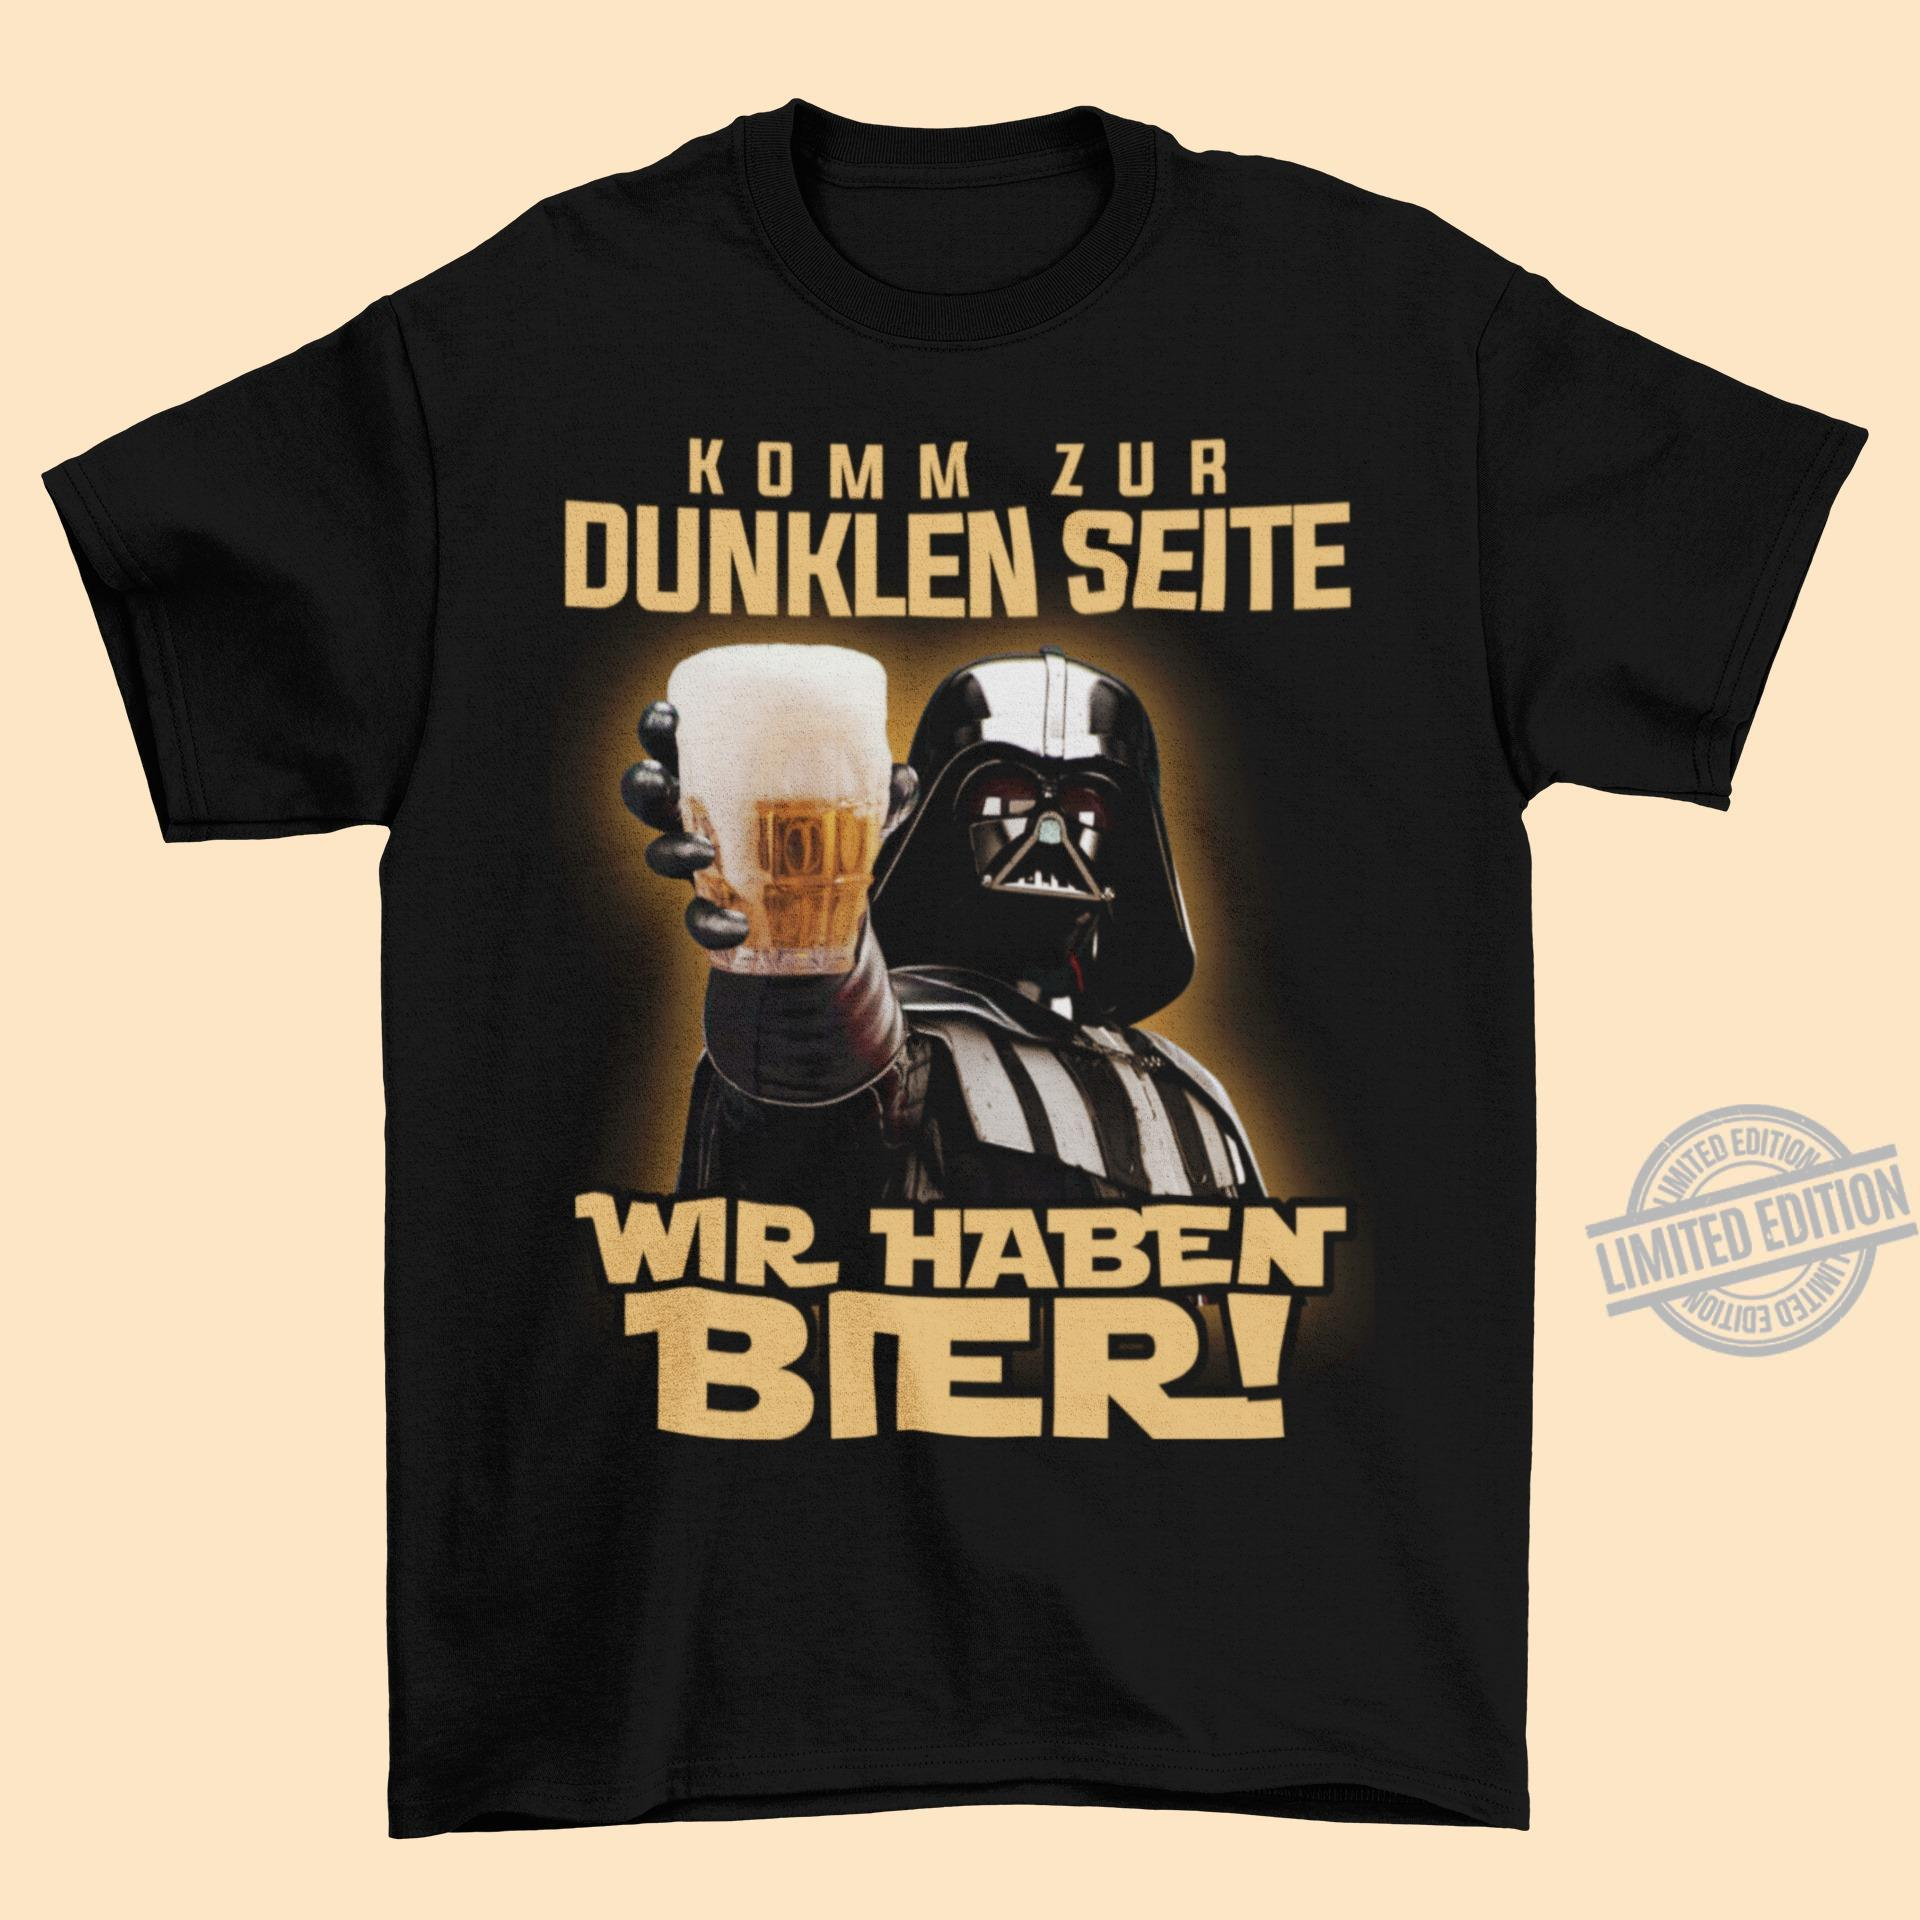 Komm Zur Dunklen Seite Wir Haben Bier Shirt